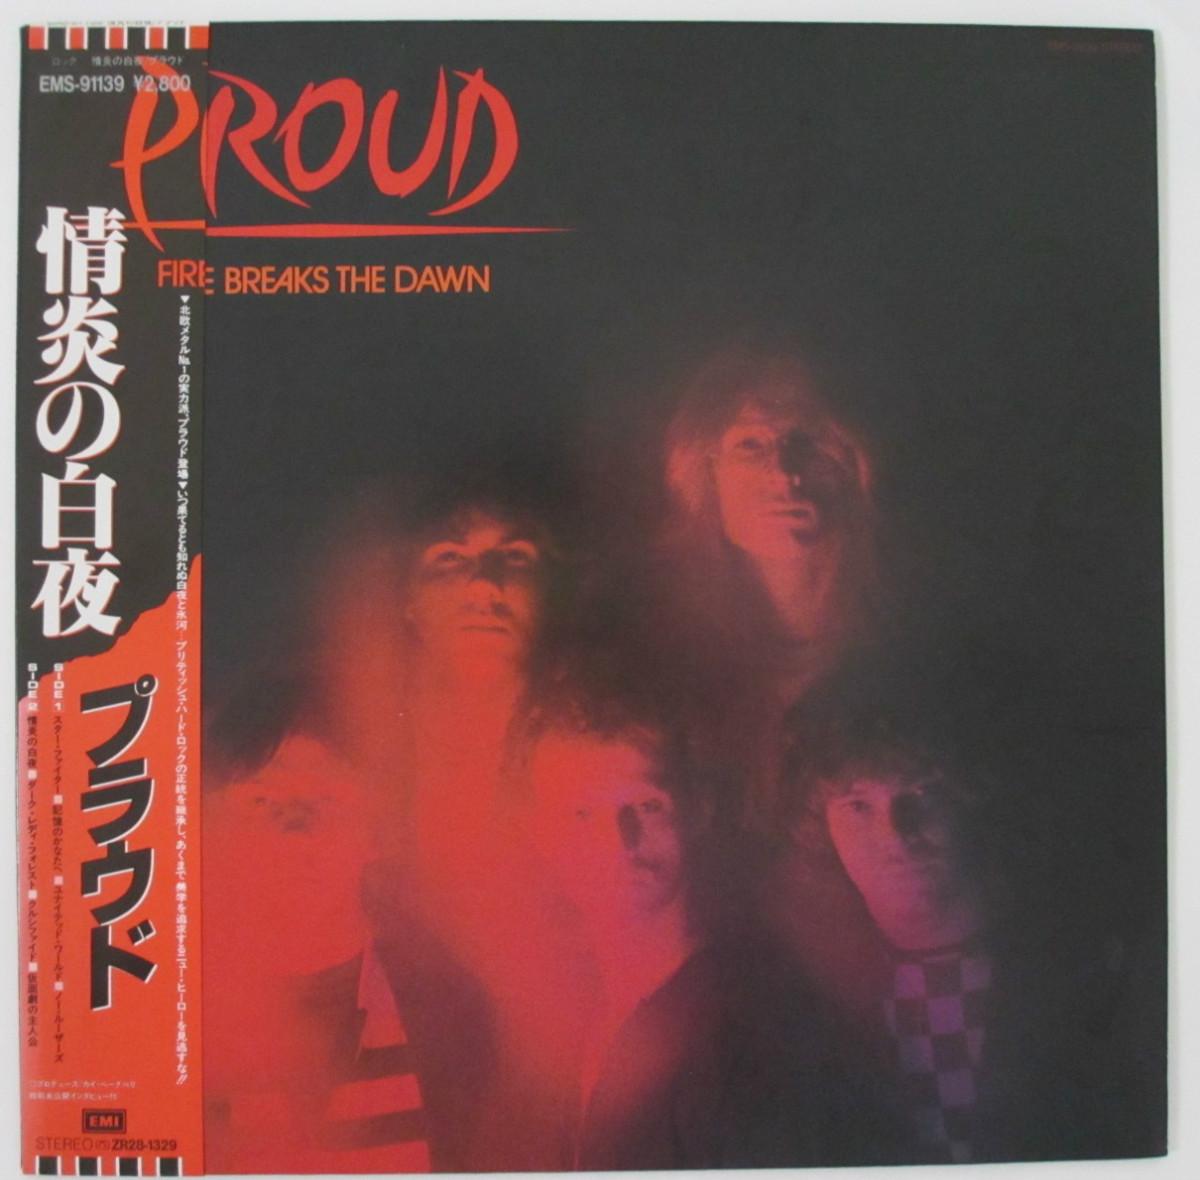 【中古レコード】FIRE BREAKS THE DAWN(情炎の白夜) PROUD(プラウド)